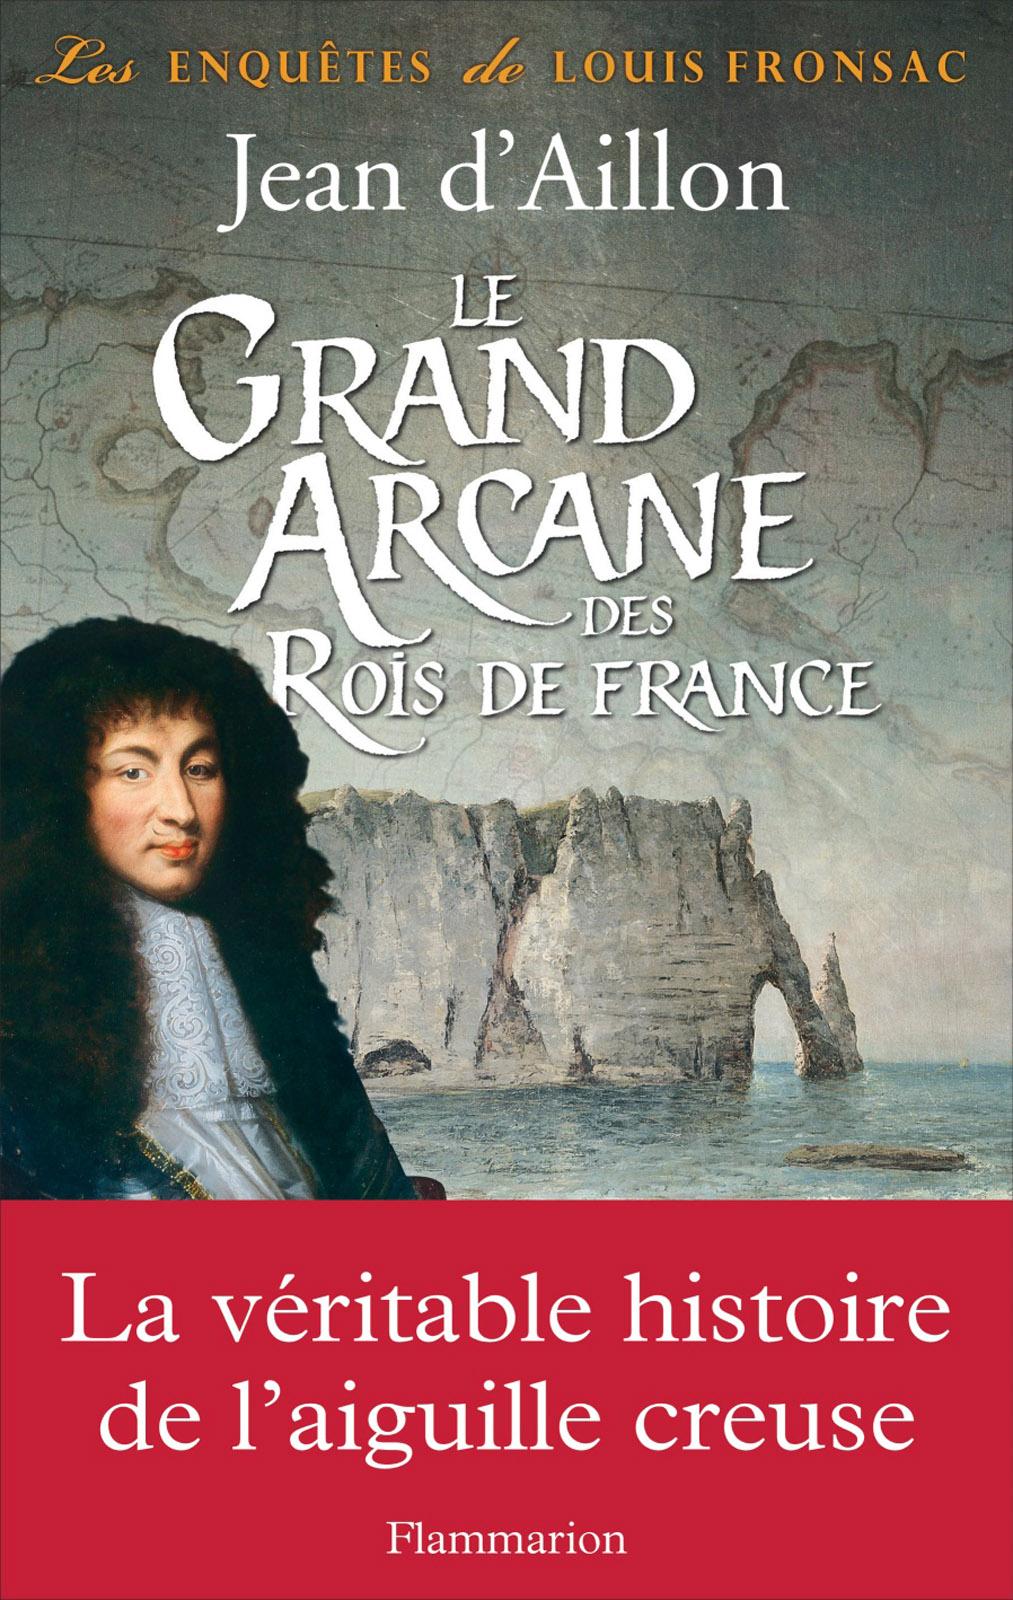 Le Grand Arcane des Rois de France. La vérité sur l'aiguille creuse | d'Aillon, Jean